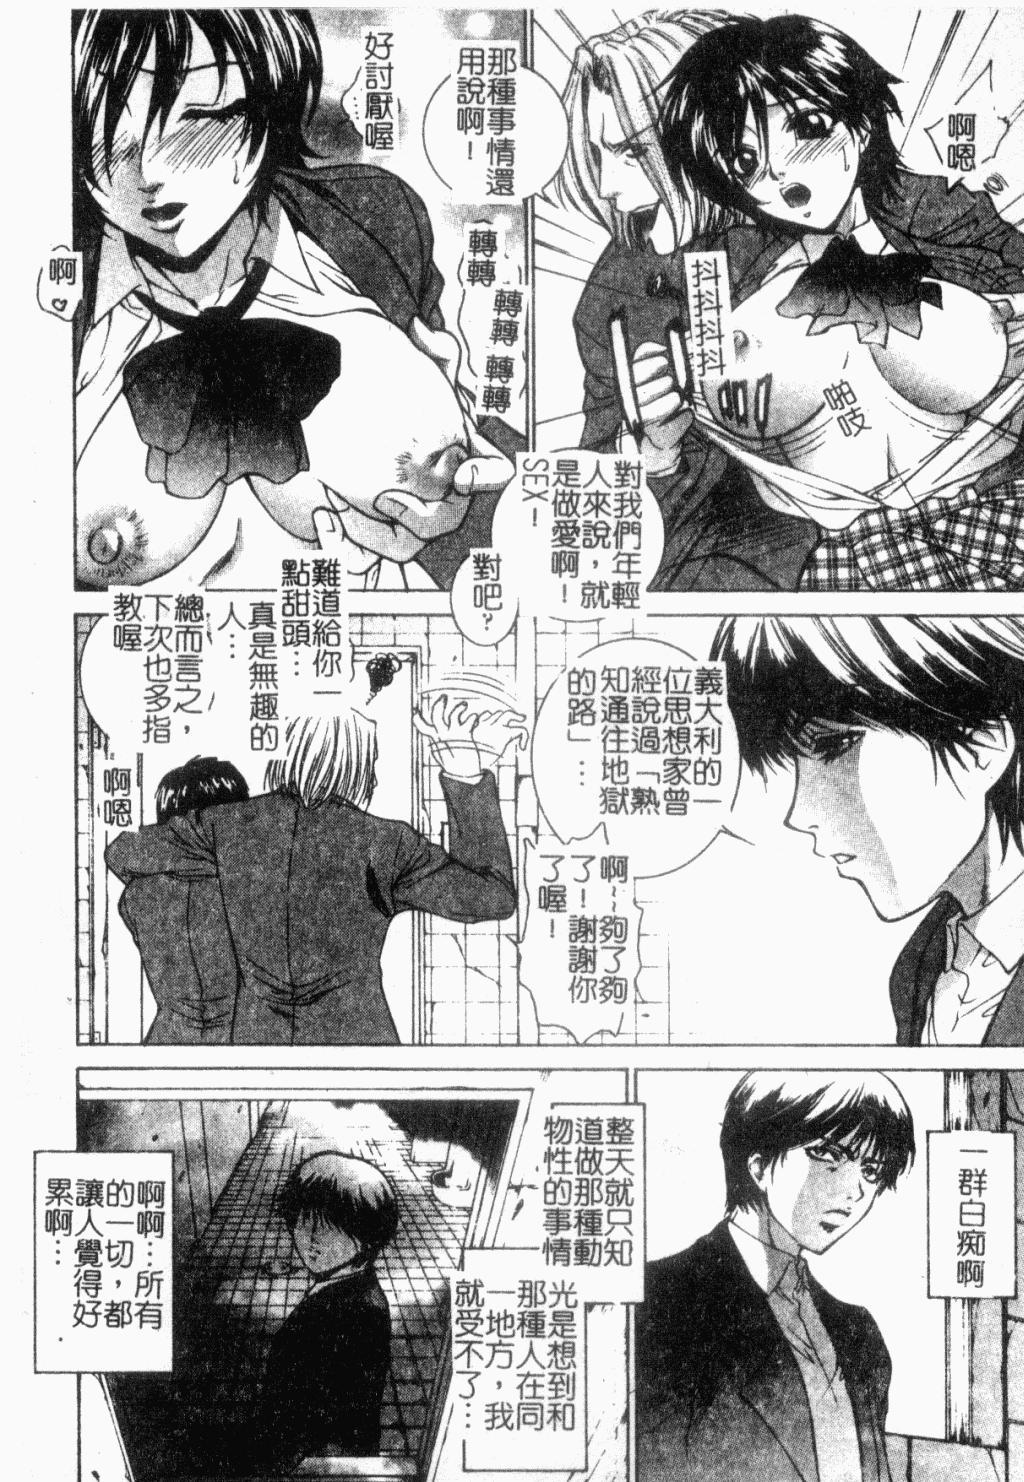 Choukyou Gakuen 2 Genteiban 59